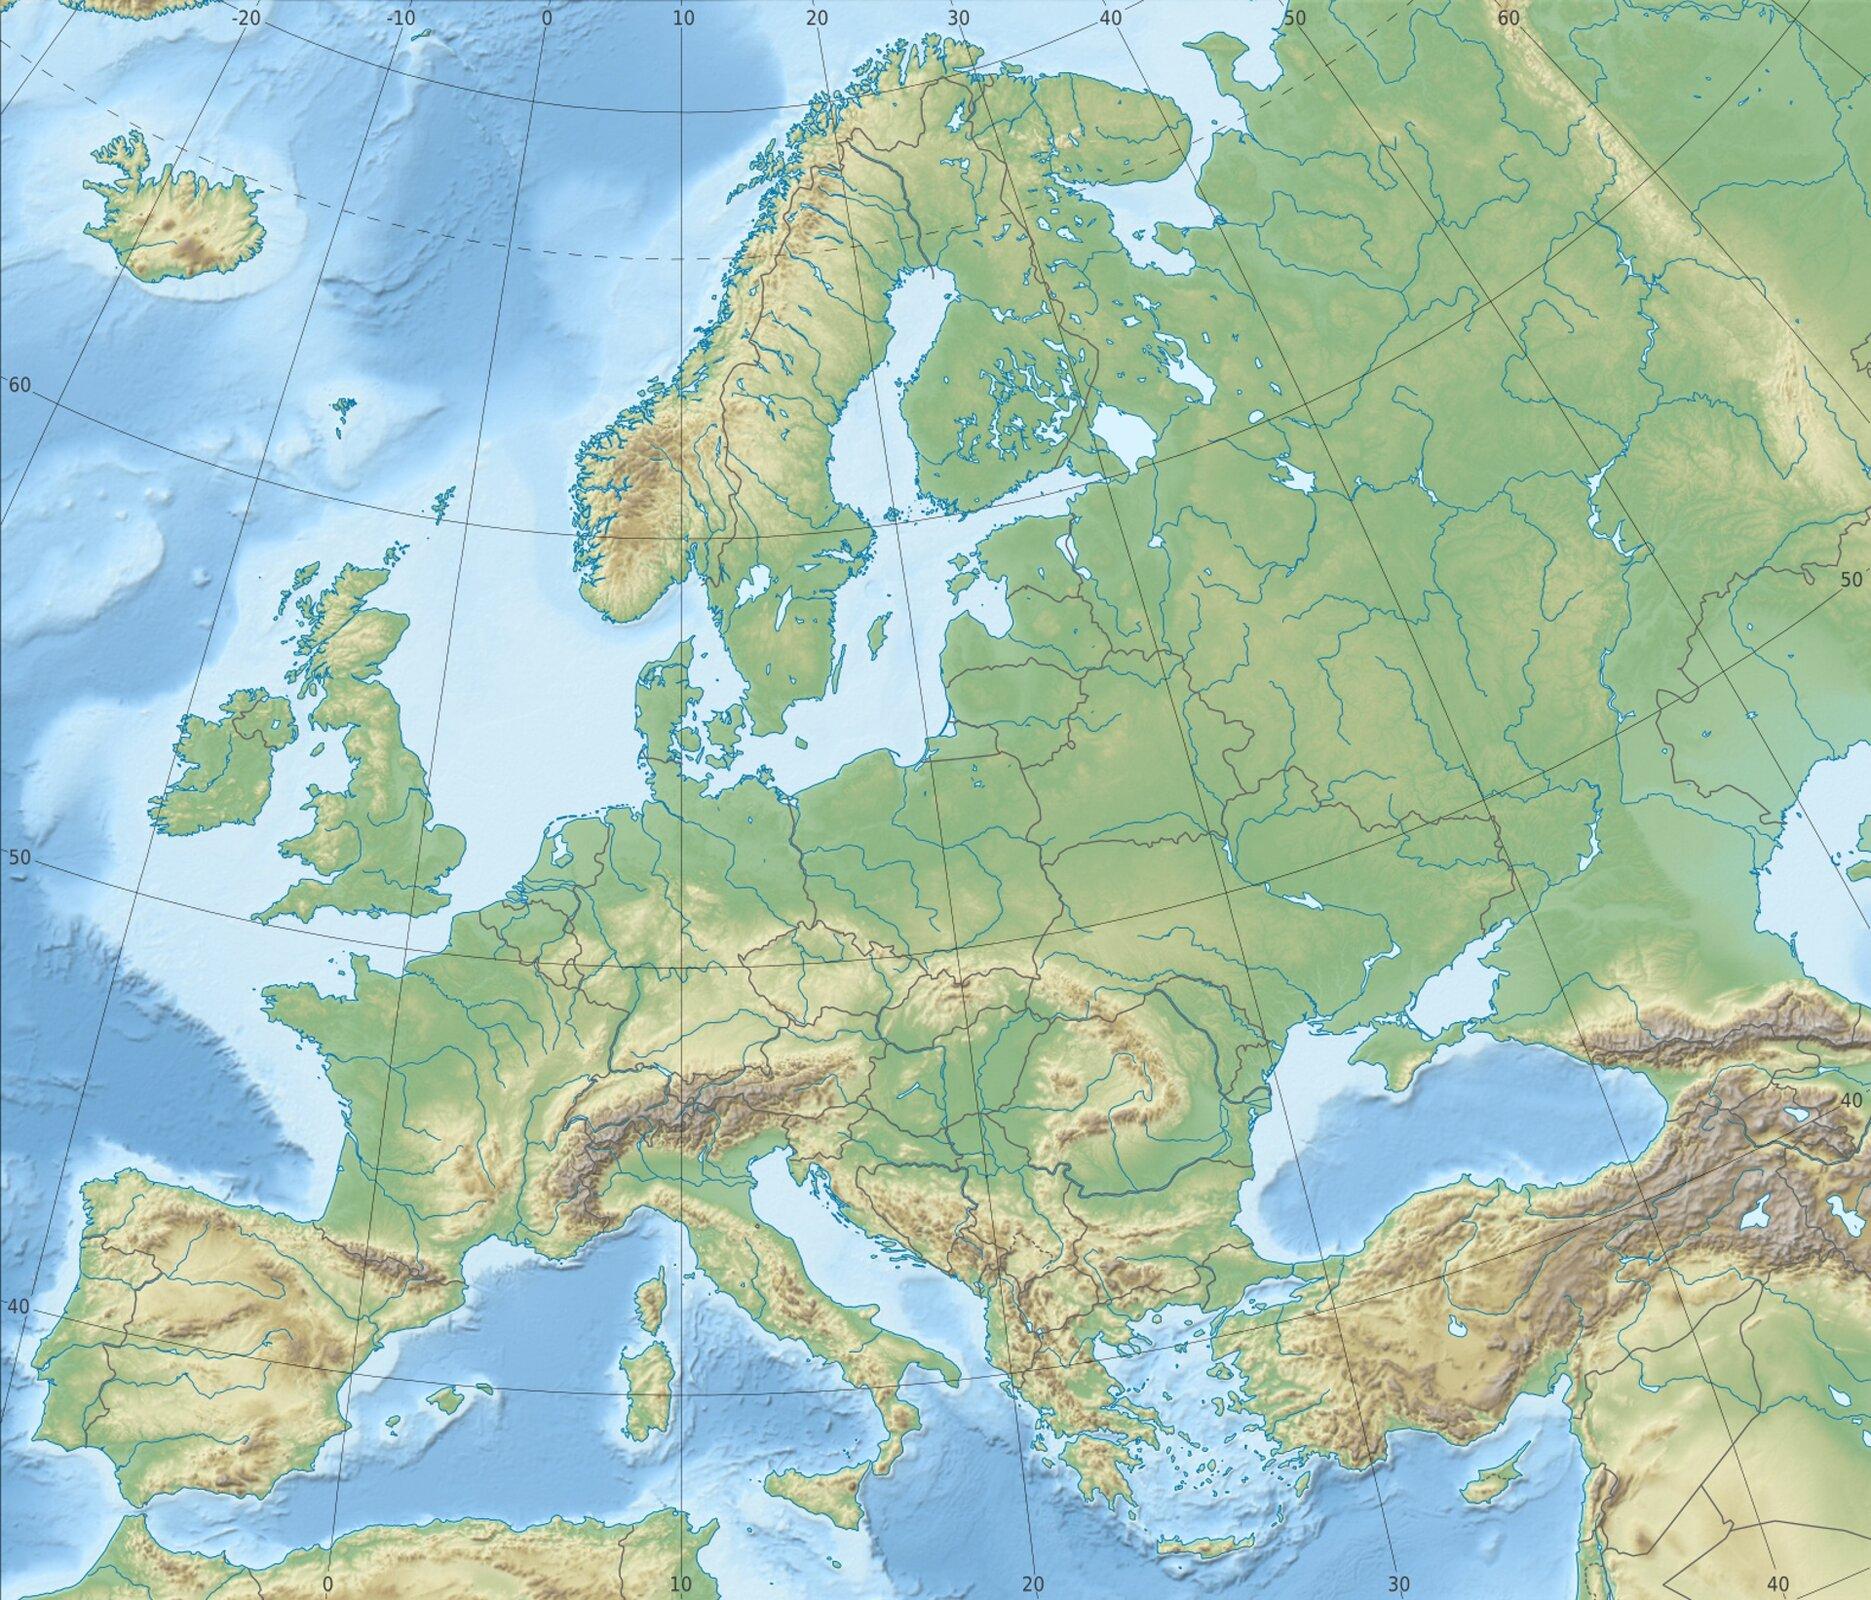 Europa Przyroda Czlowiek Gospodarka Podsumowanie